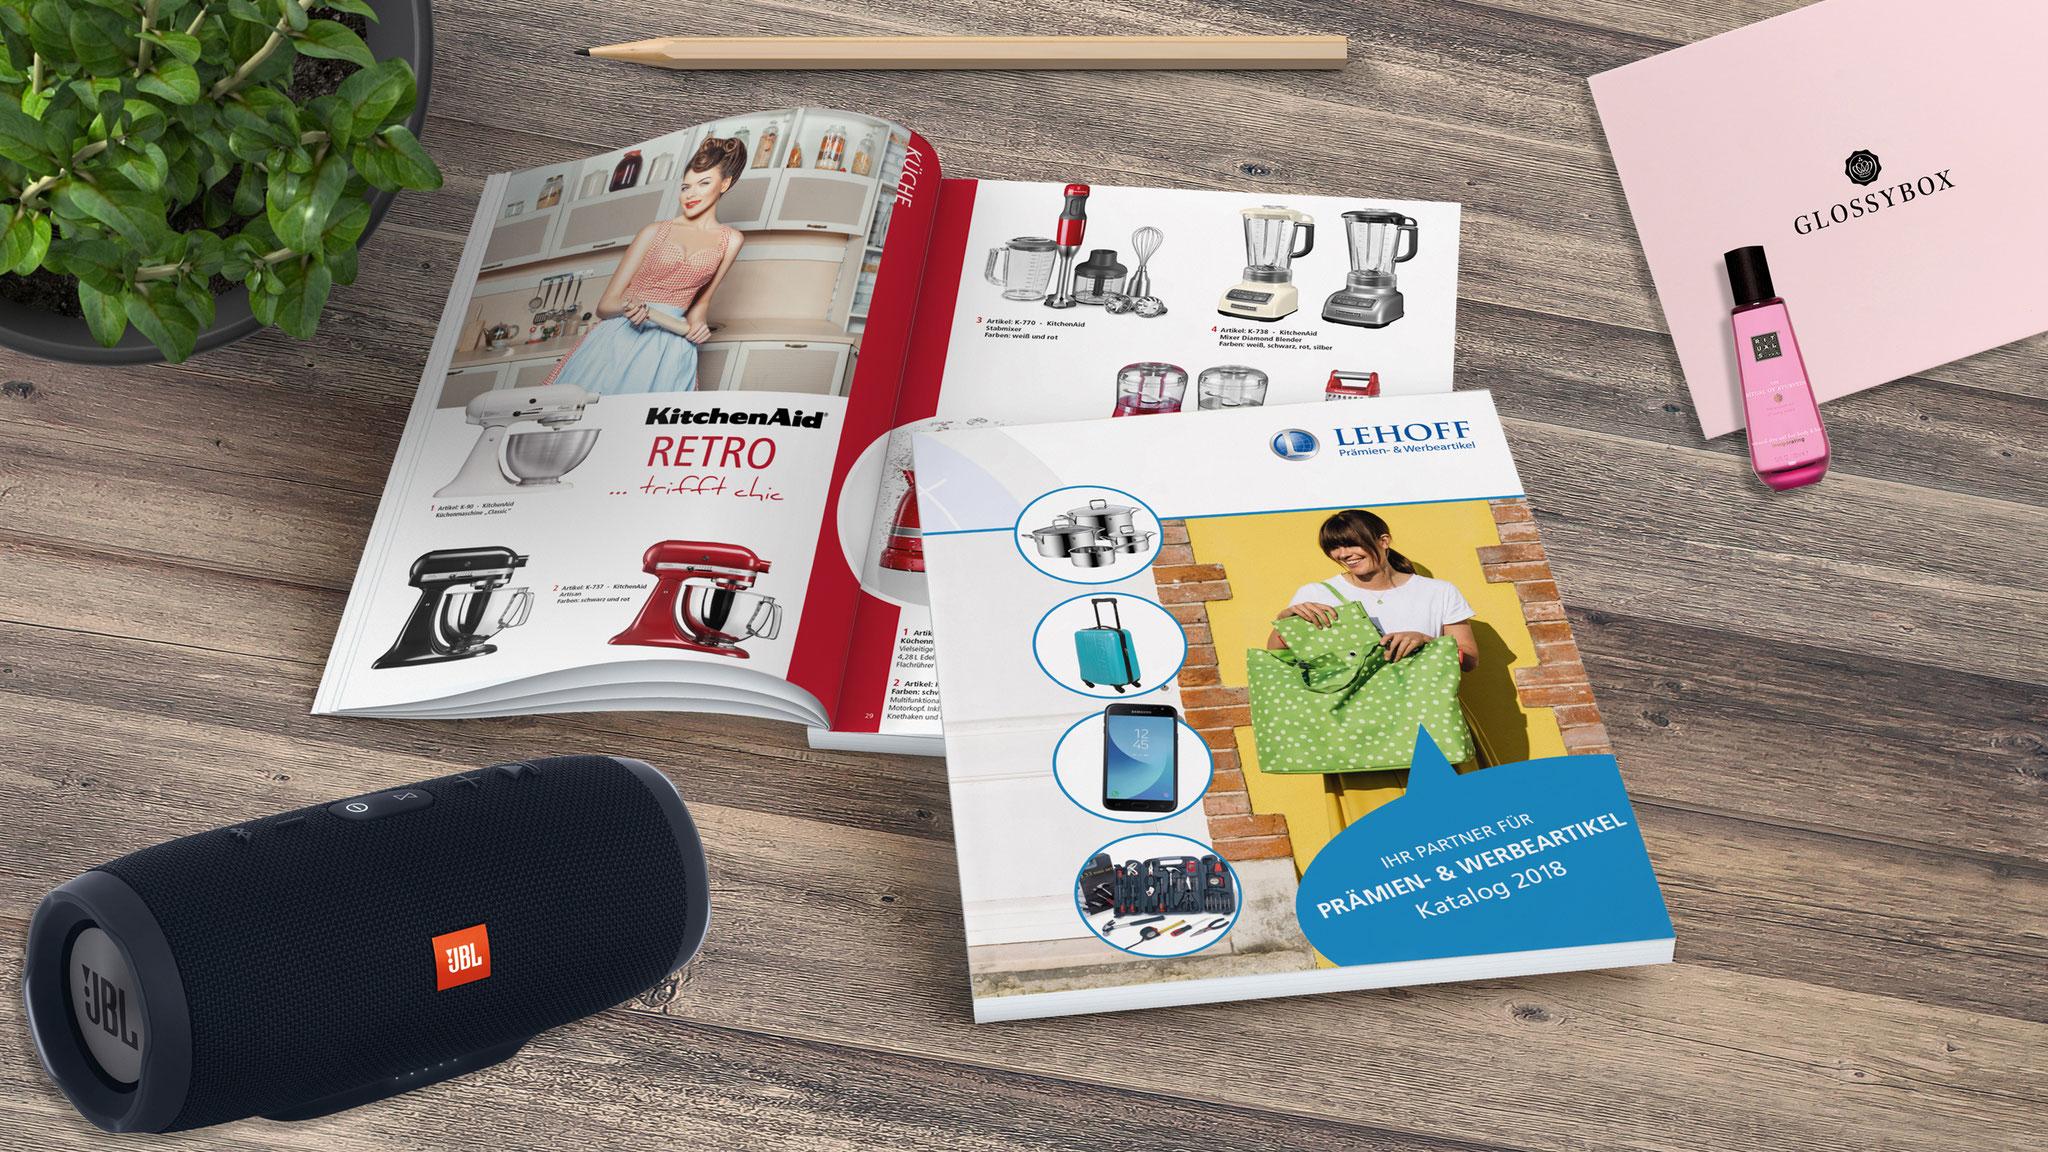 Kunde: Lehoff / Katalog für Prämien- und Werbemittel